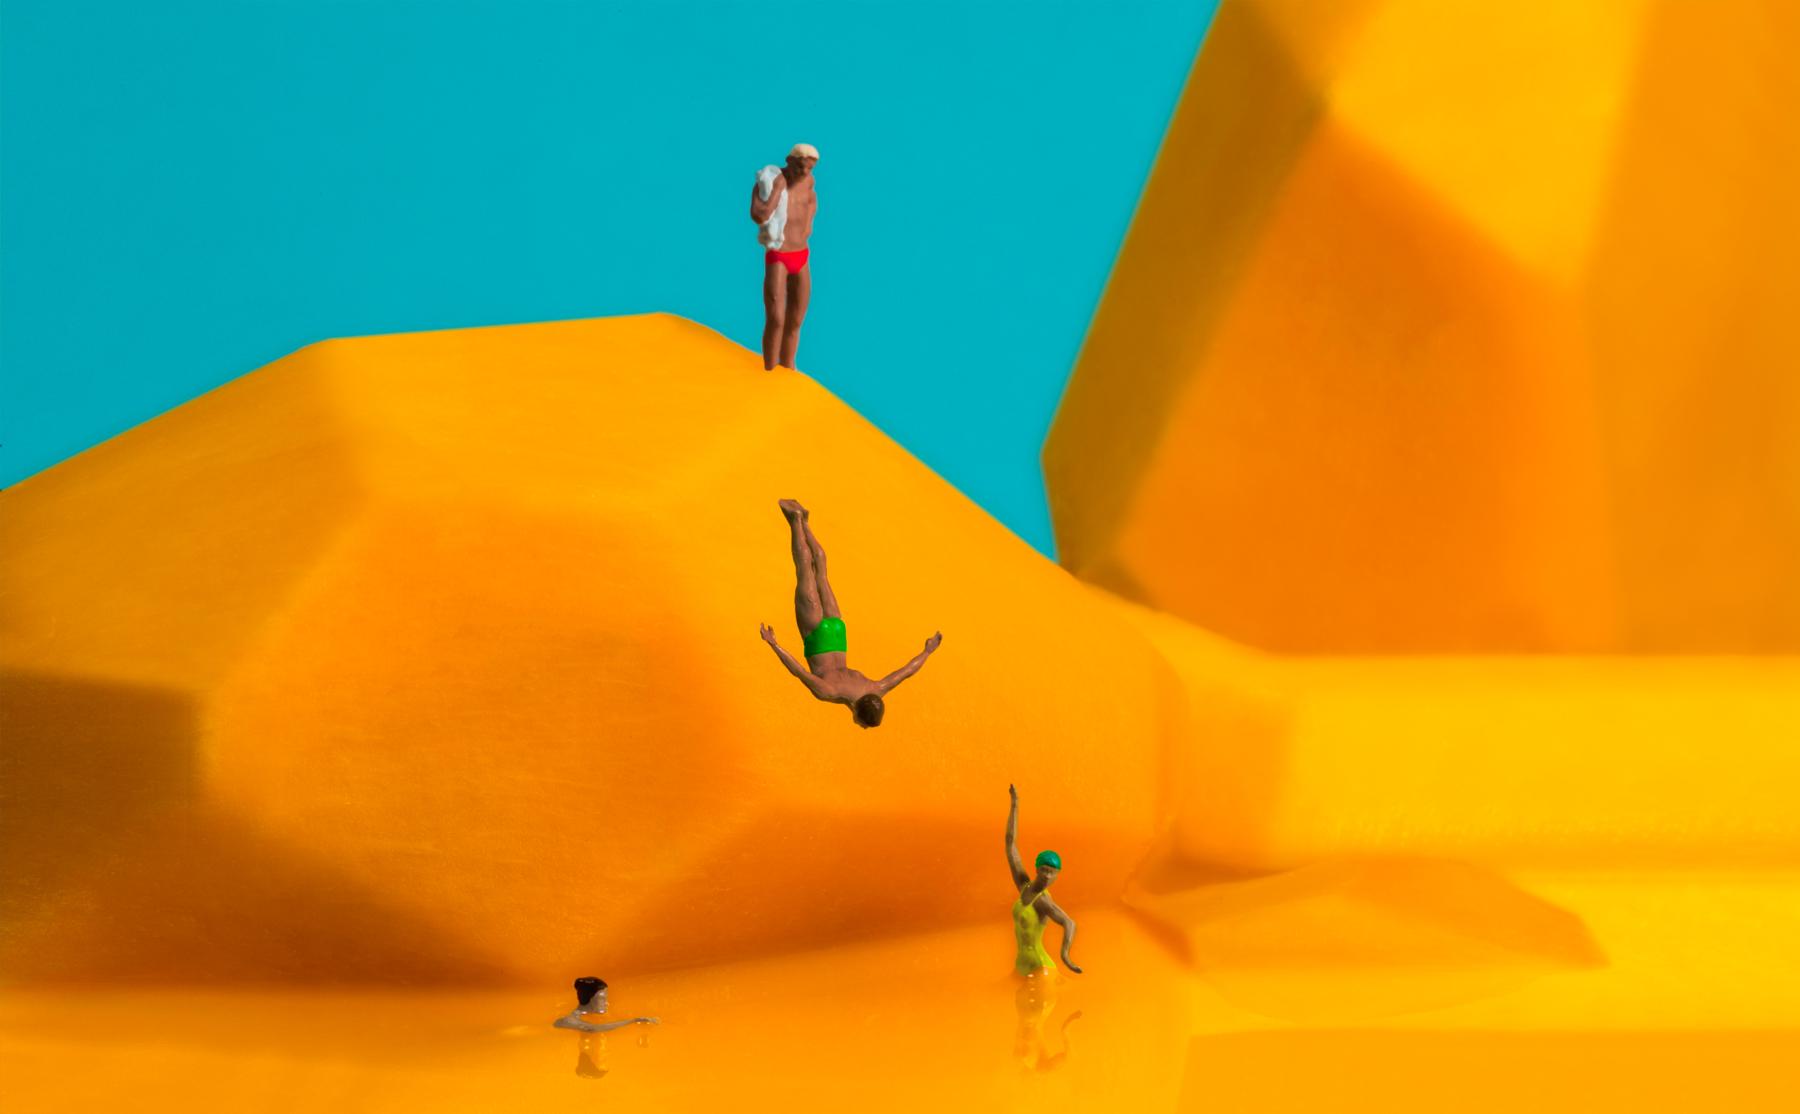 frooti-SagmeisterWalsh-goodfromyou-3.jpg